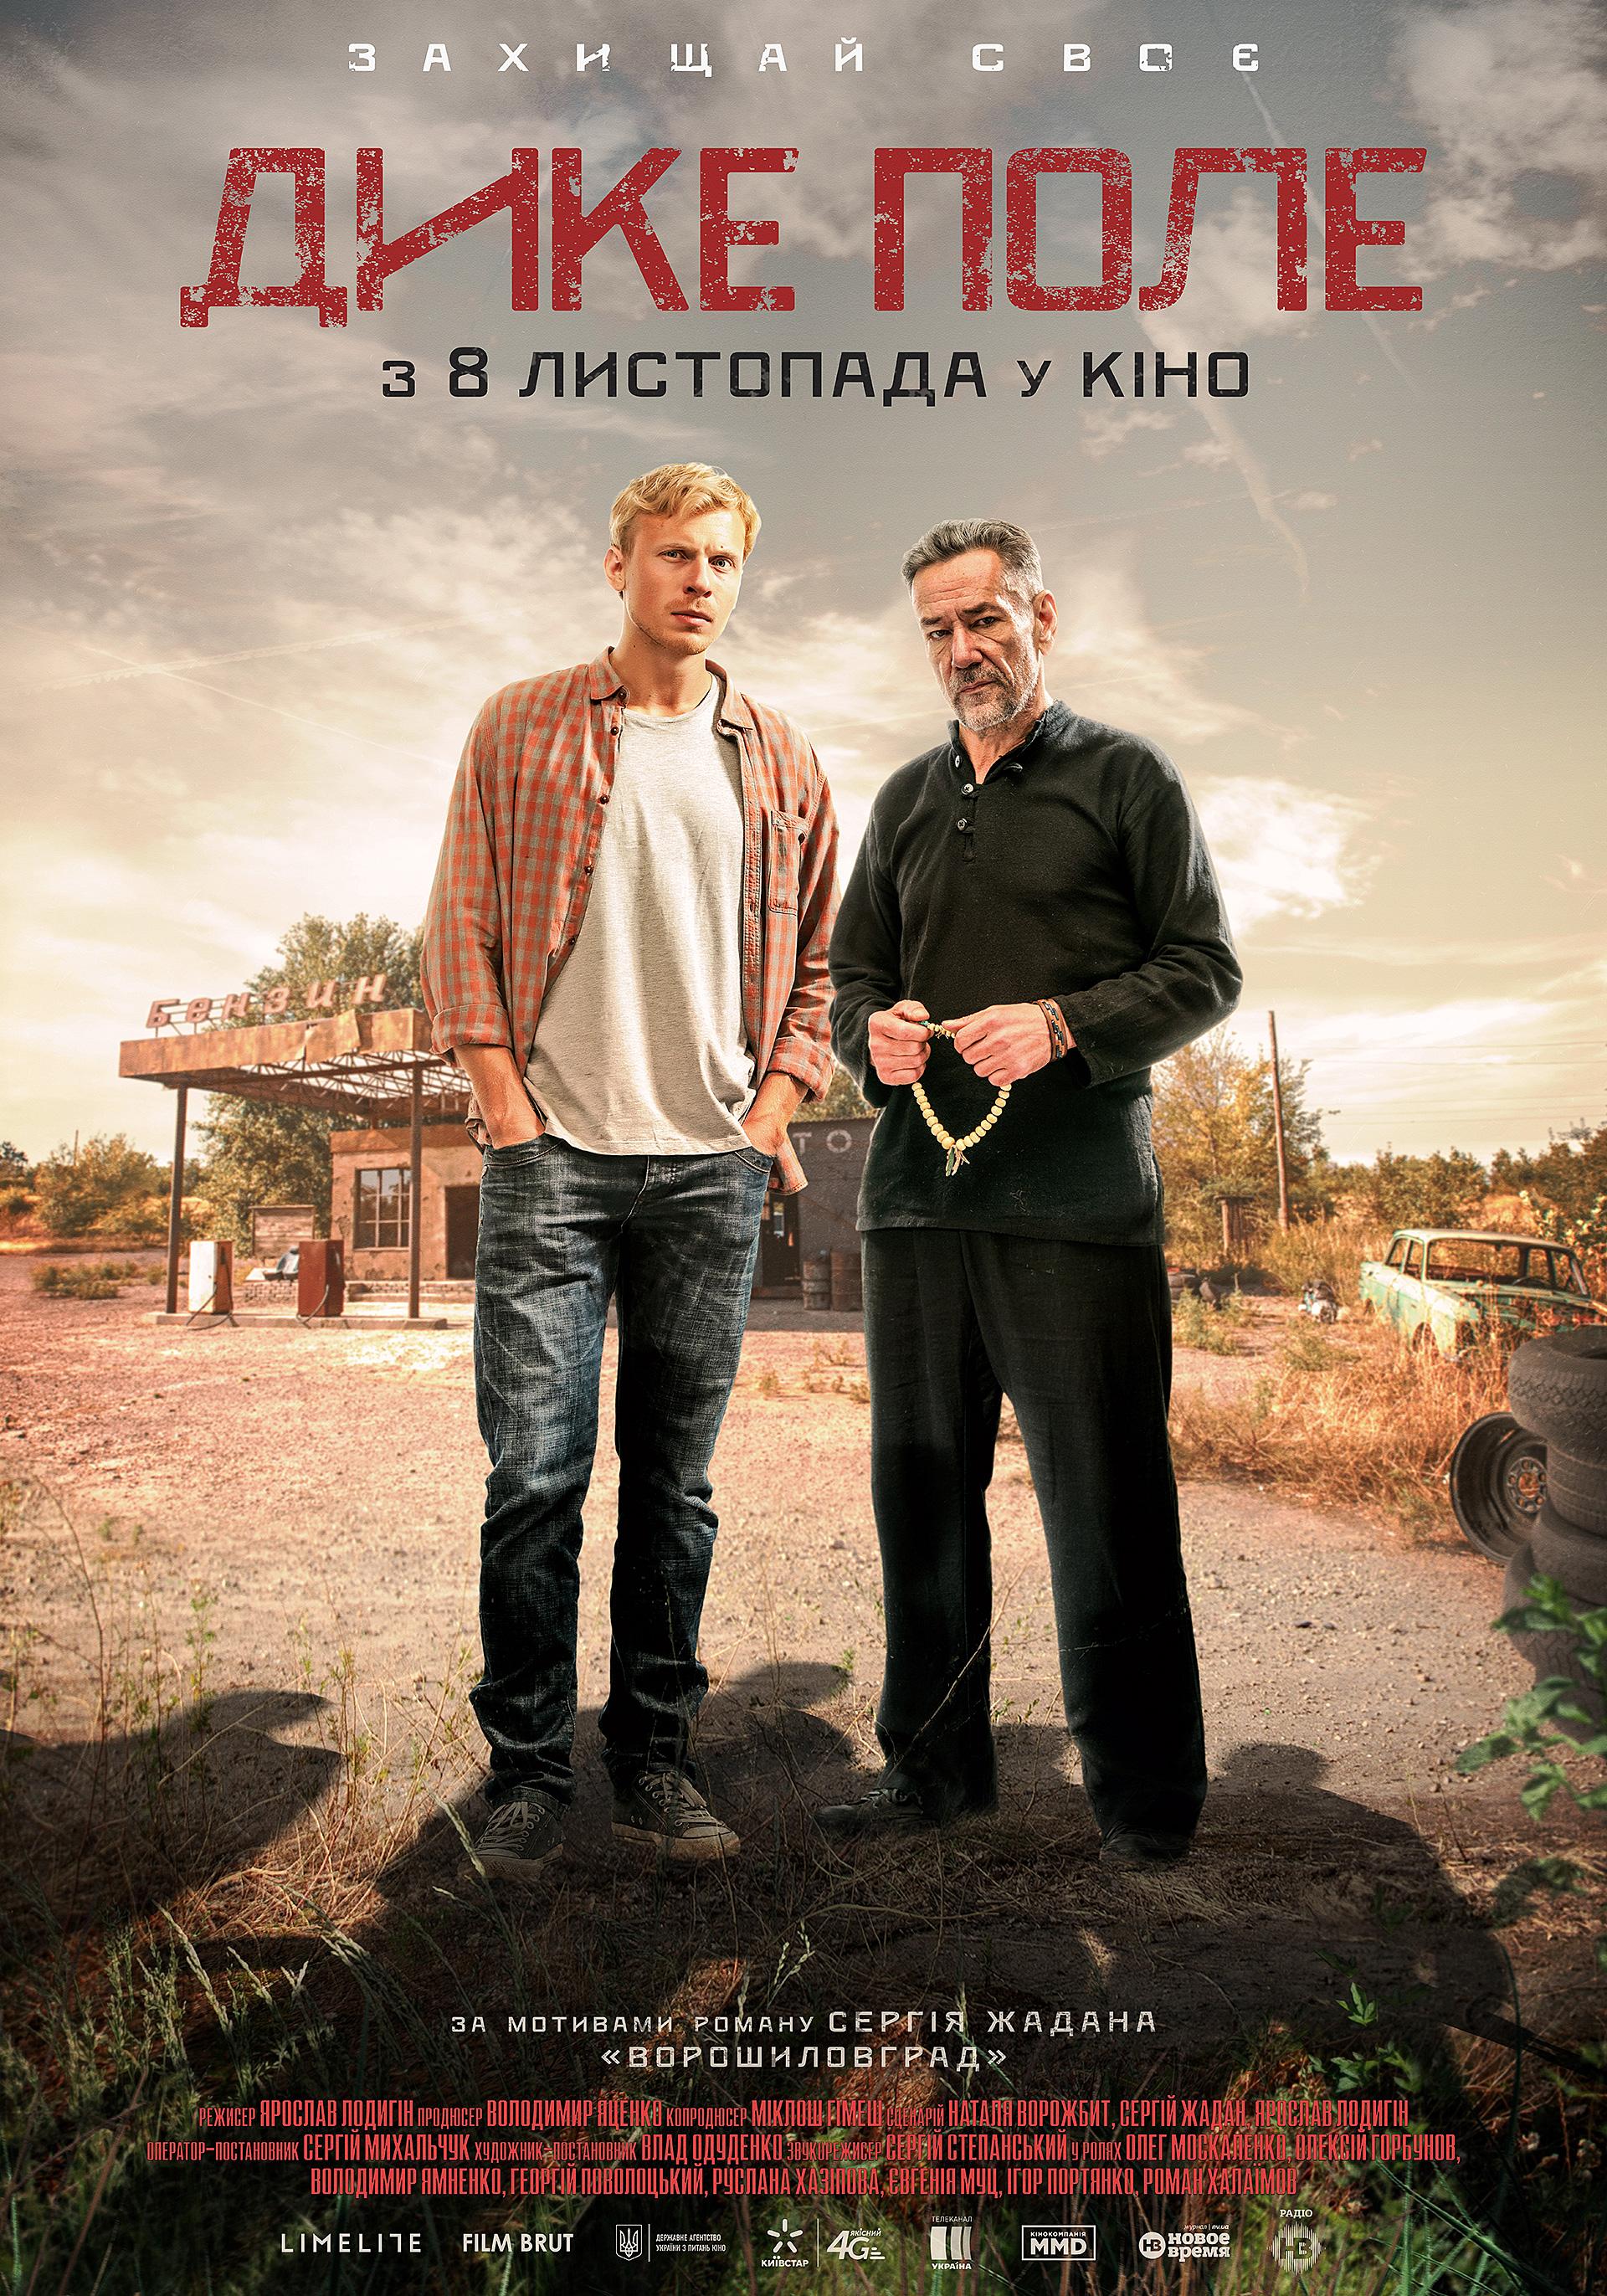 Вийшов офіційний постер екранізації «Ворошиловграда»